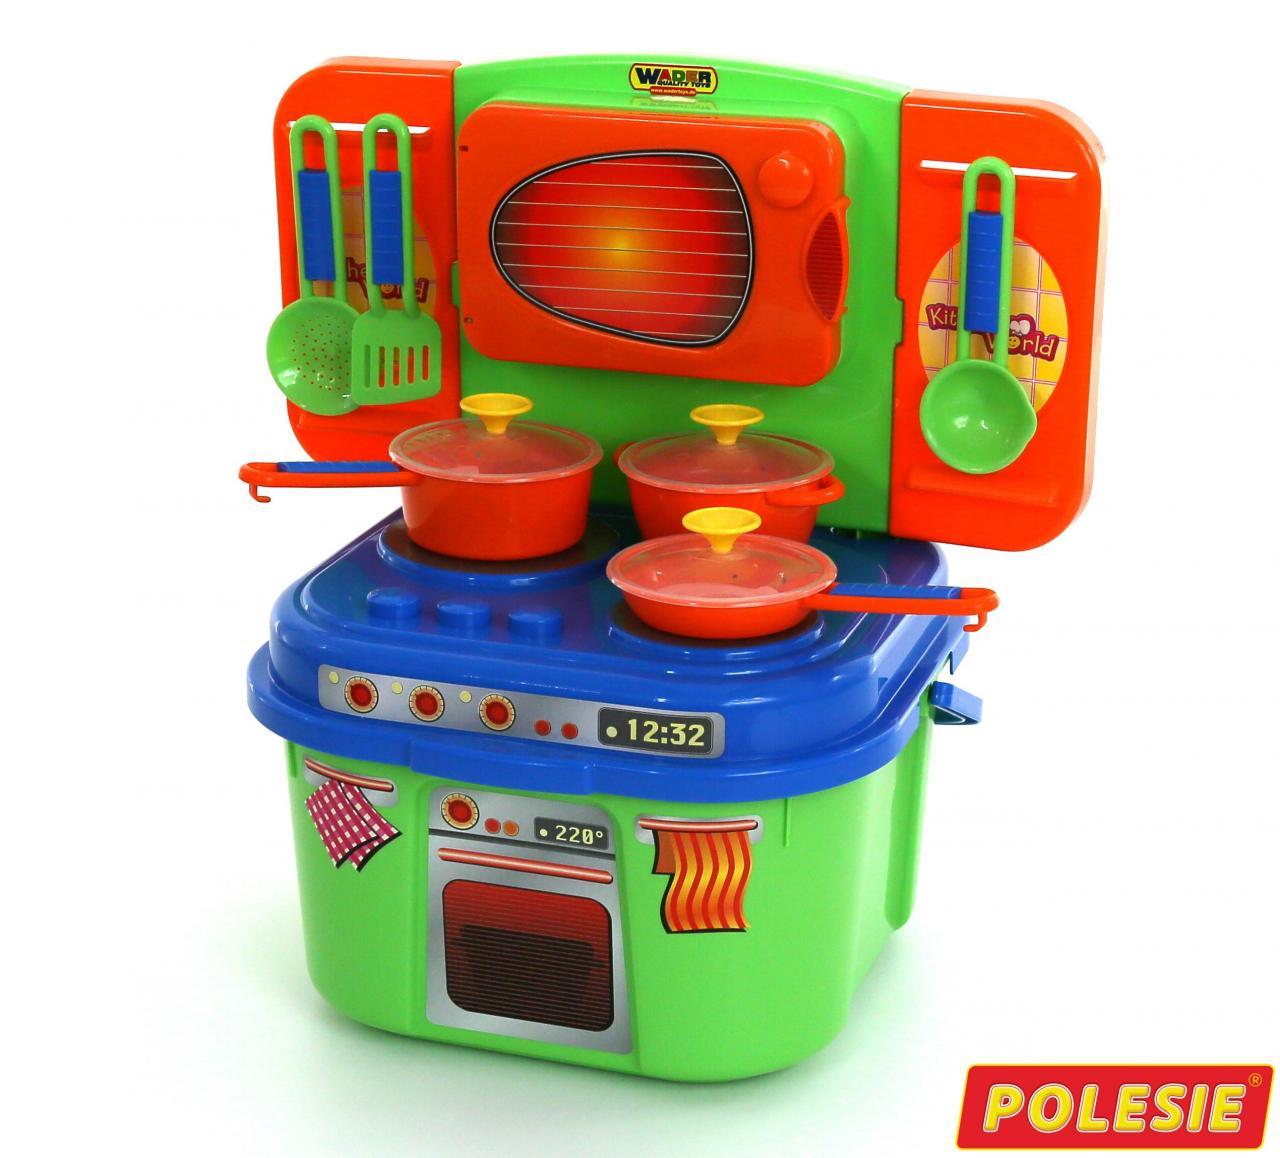 Купить Игровой набор Мини-кухня, в коробке, Полесье